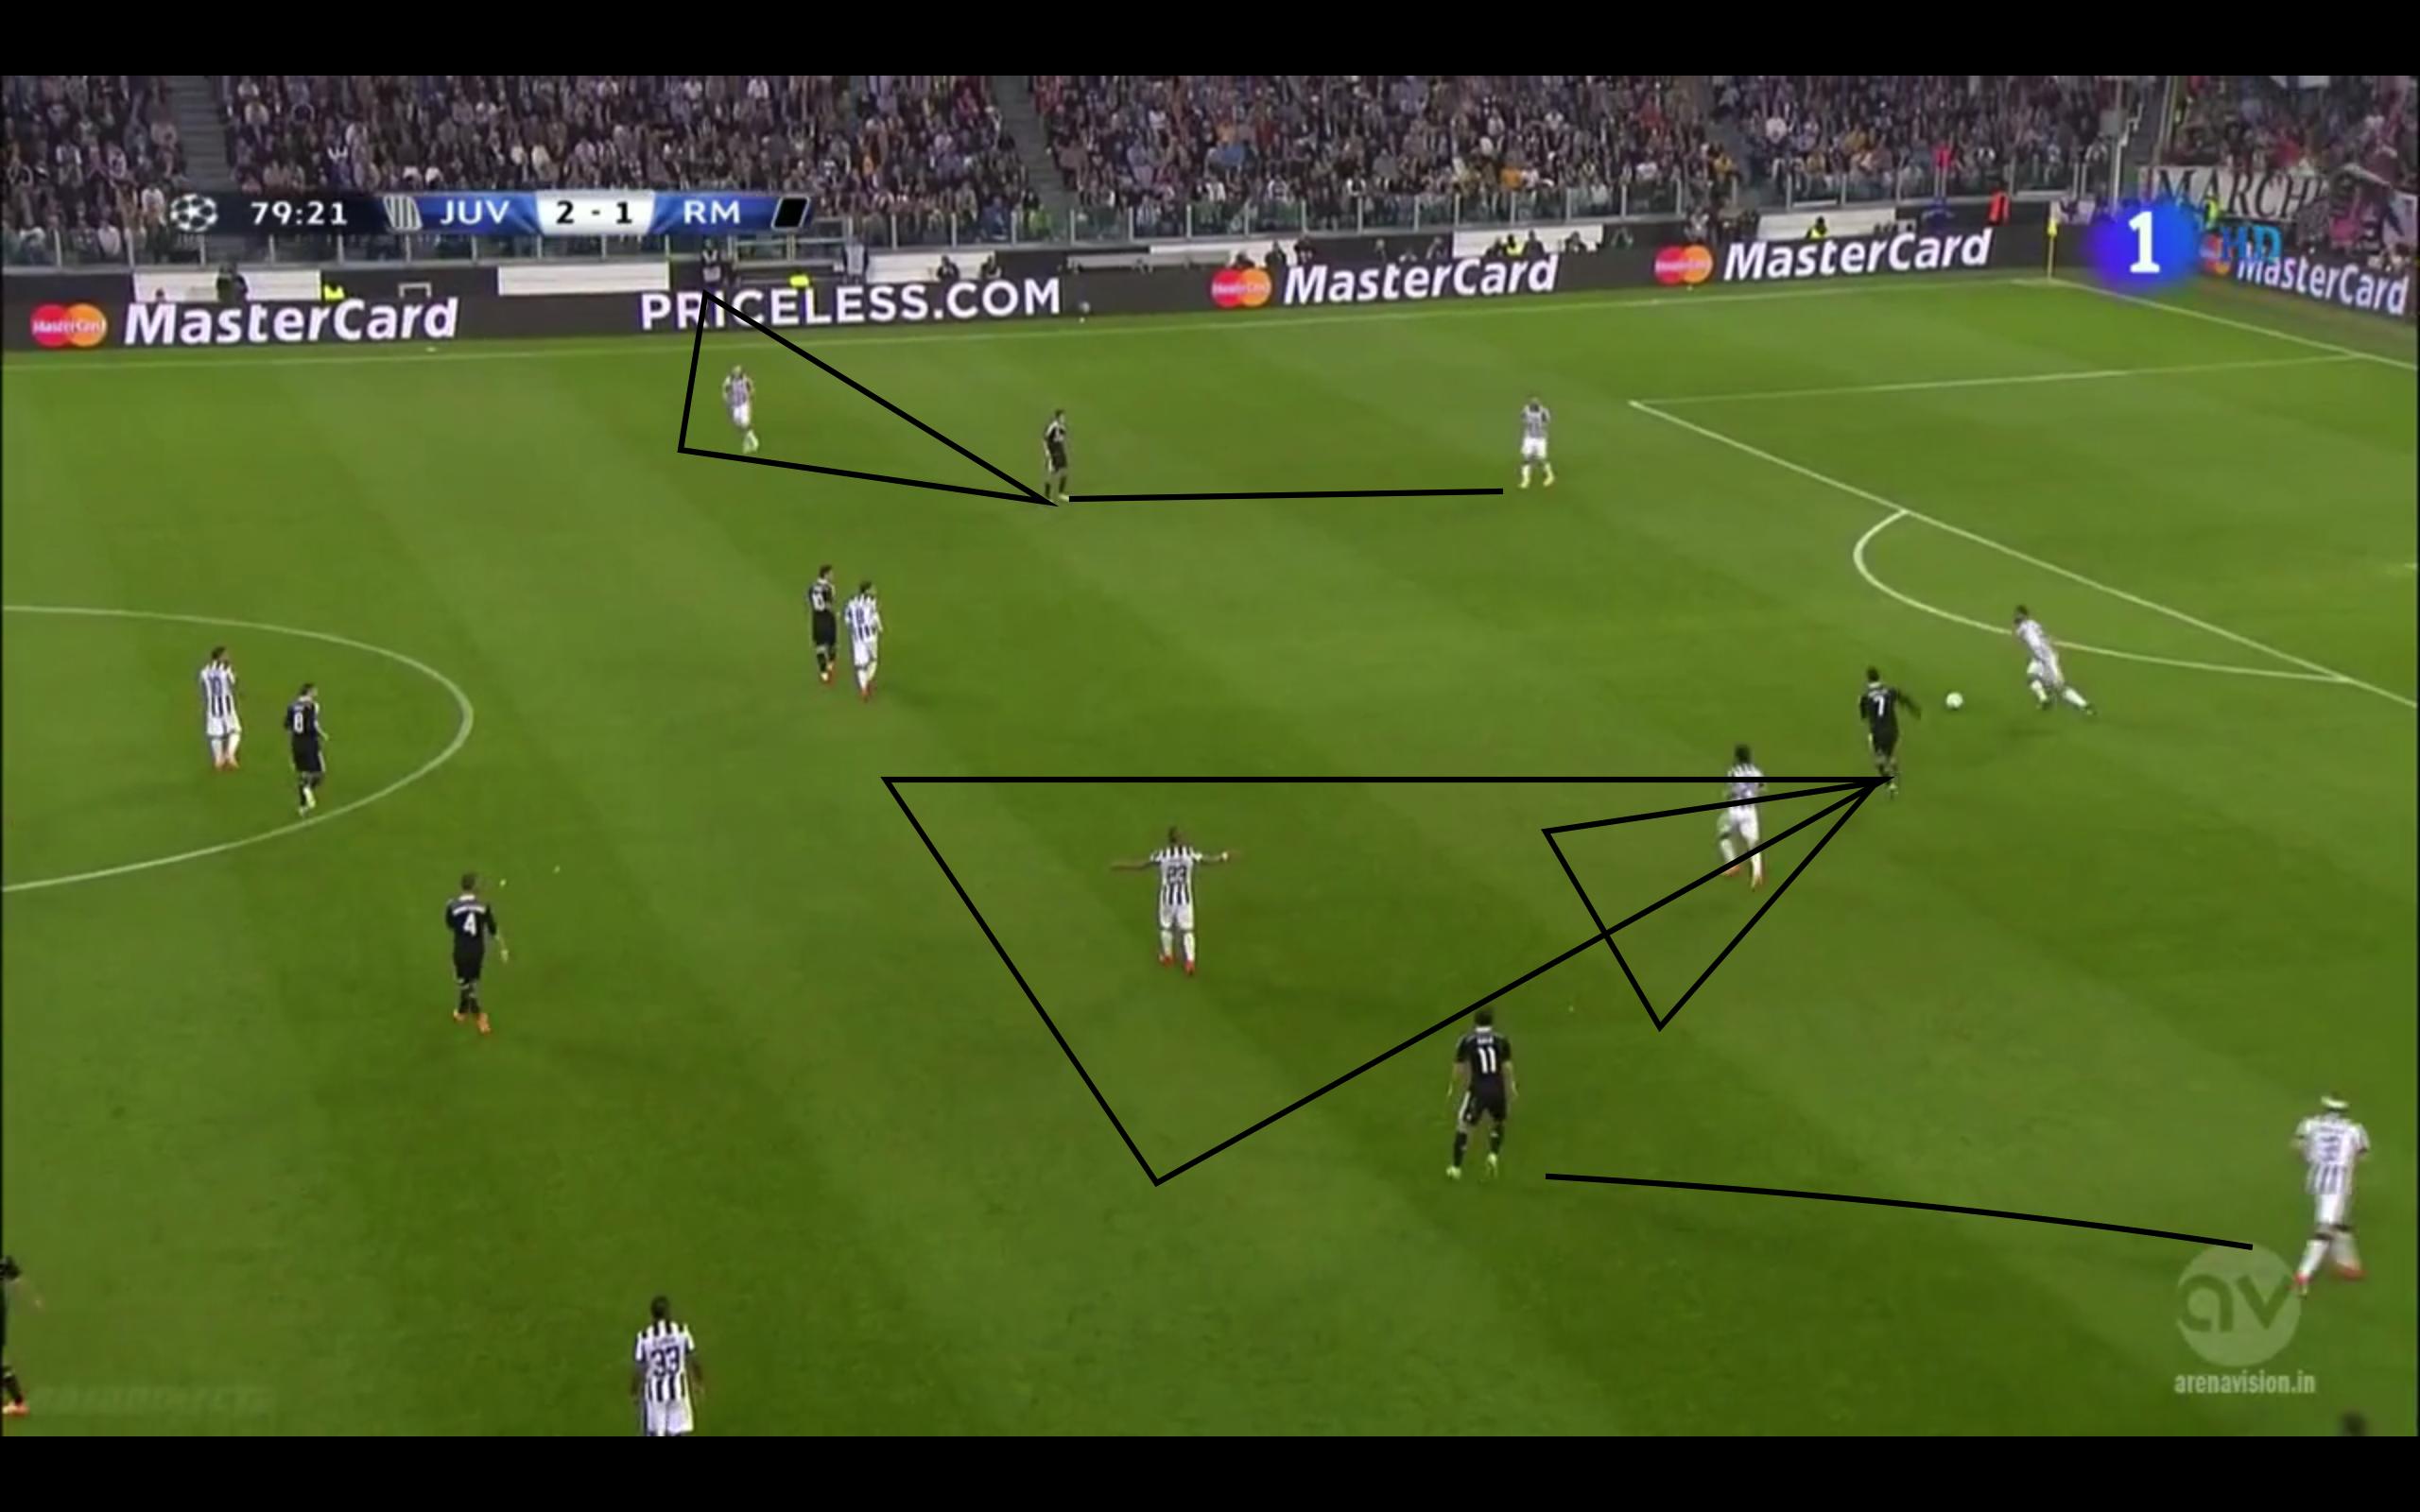 Hernandez hat eine gute Positionsfindung und lenkt das Spiel in die Mitte. Dort ist Madrid sehr mannorientiert und kann die Bälle aggressiv gewinnen